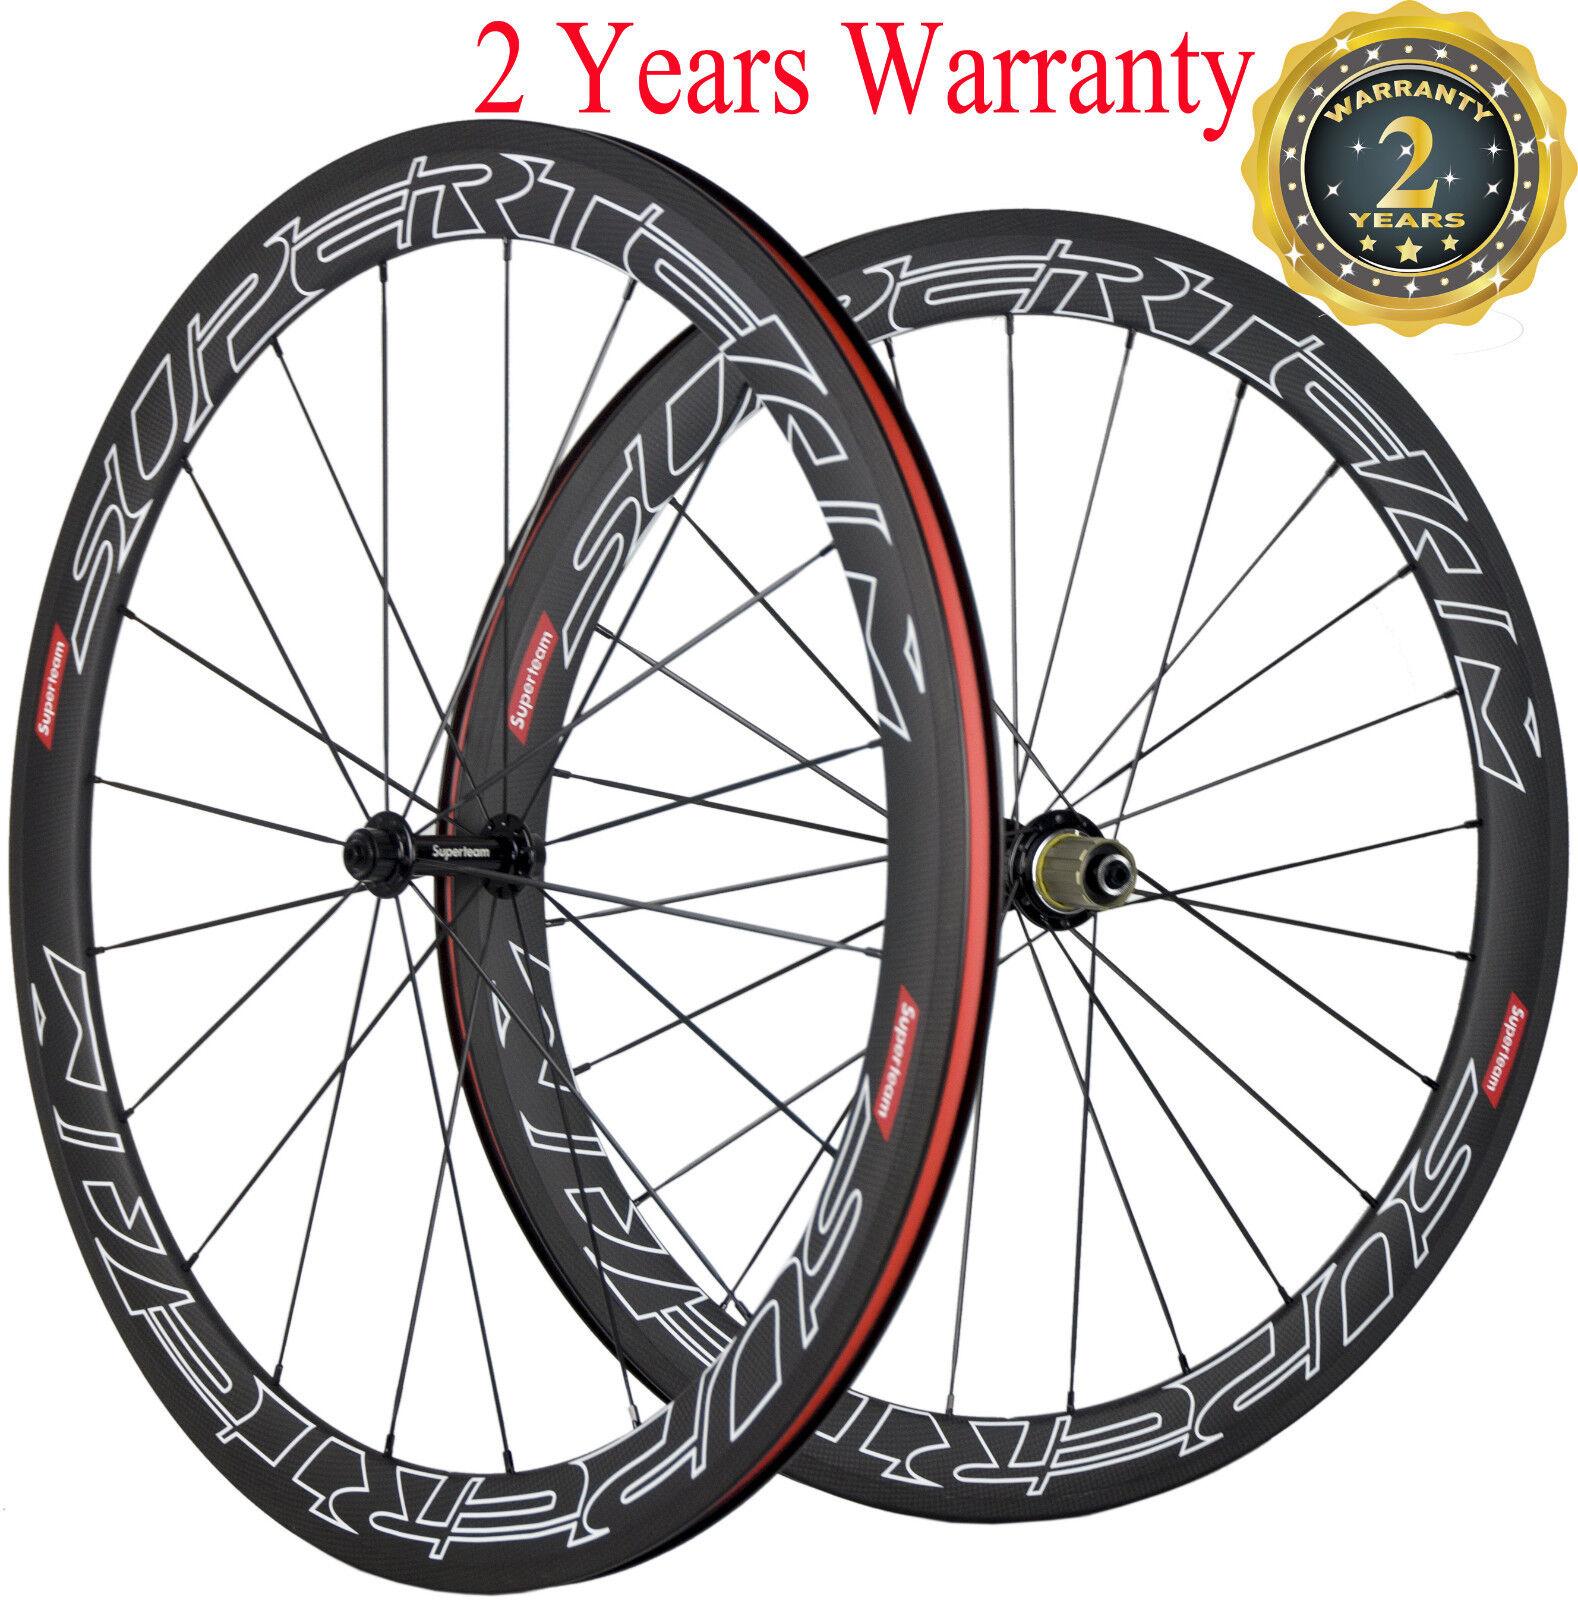 Superteam 50mm Clincher Wheels Road Bike Cycling Bicycle Wheelset 700C Race Bike